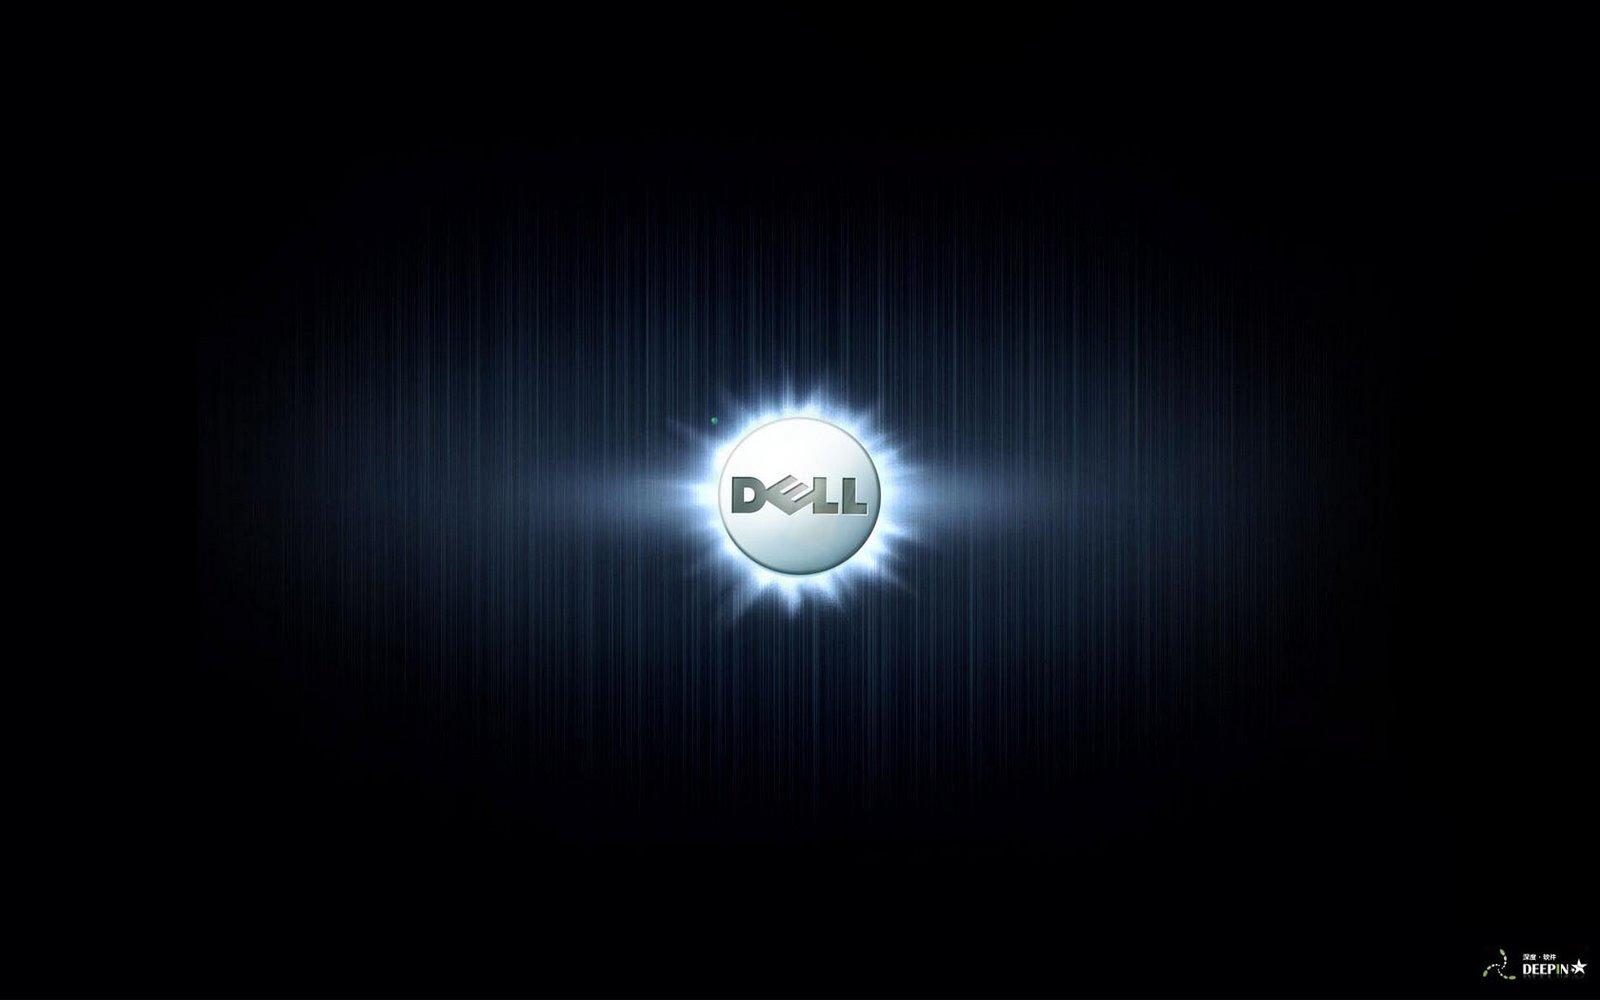 Dell Hd Wallpaper 1600x1000